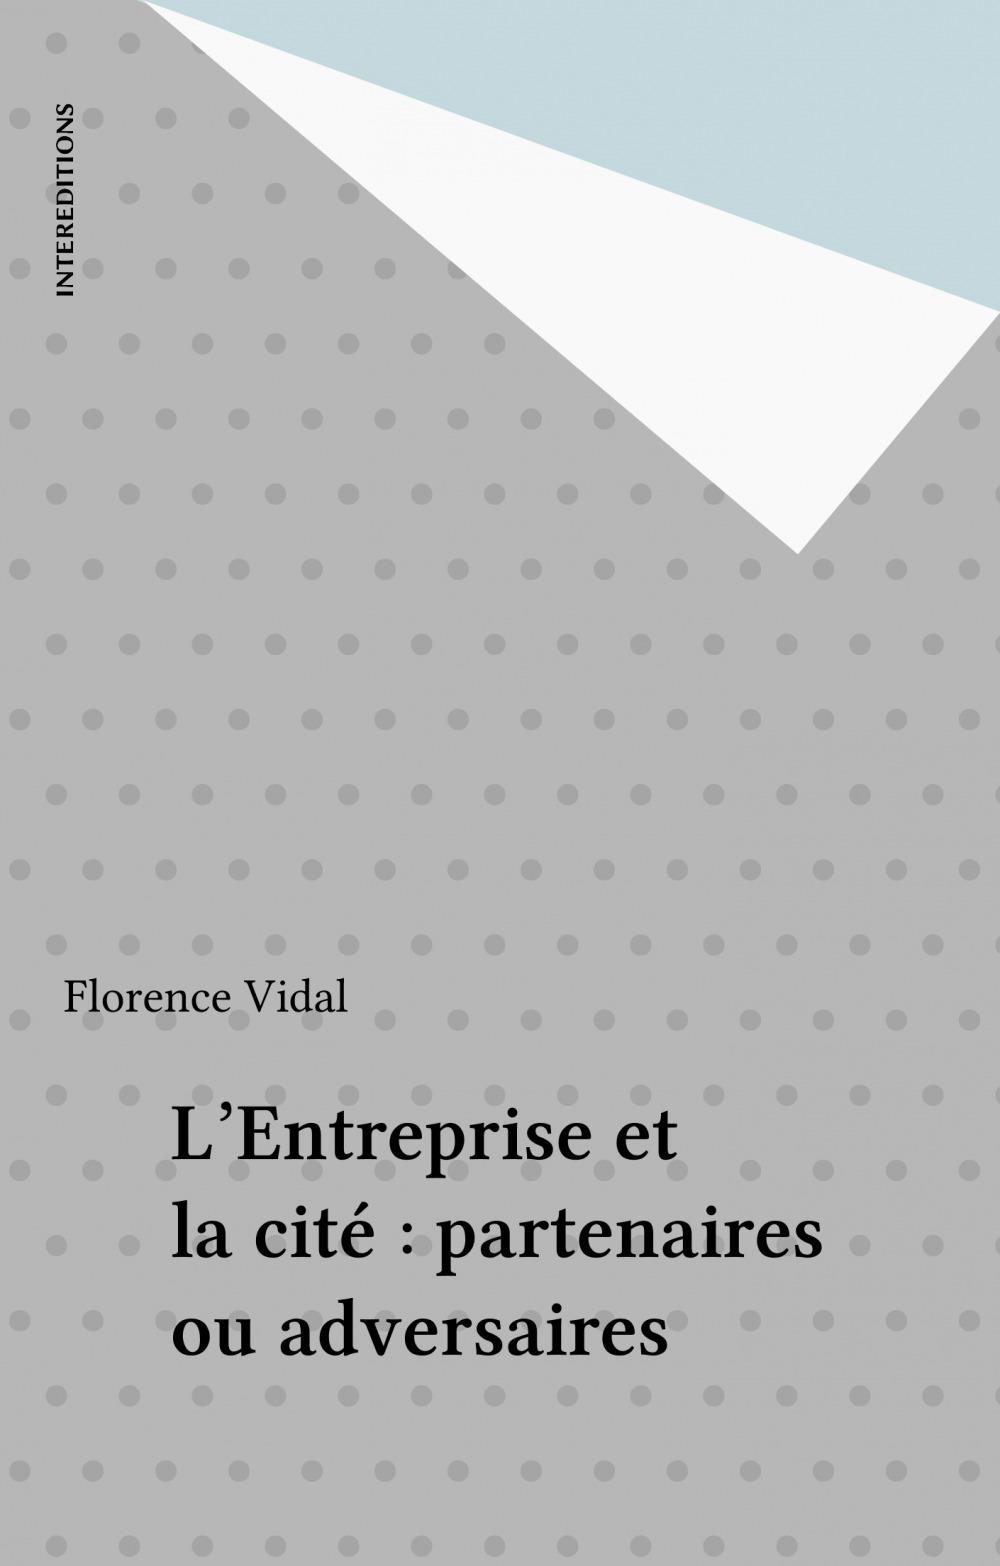 L'Entreprise et la cité : partenaires ou adversaires